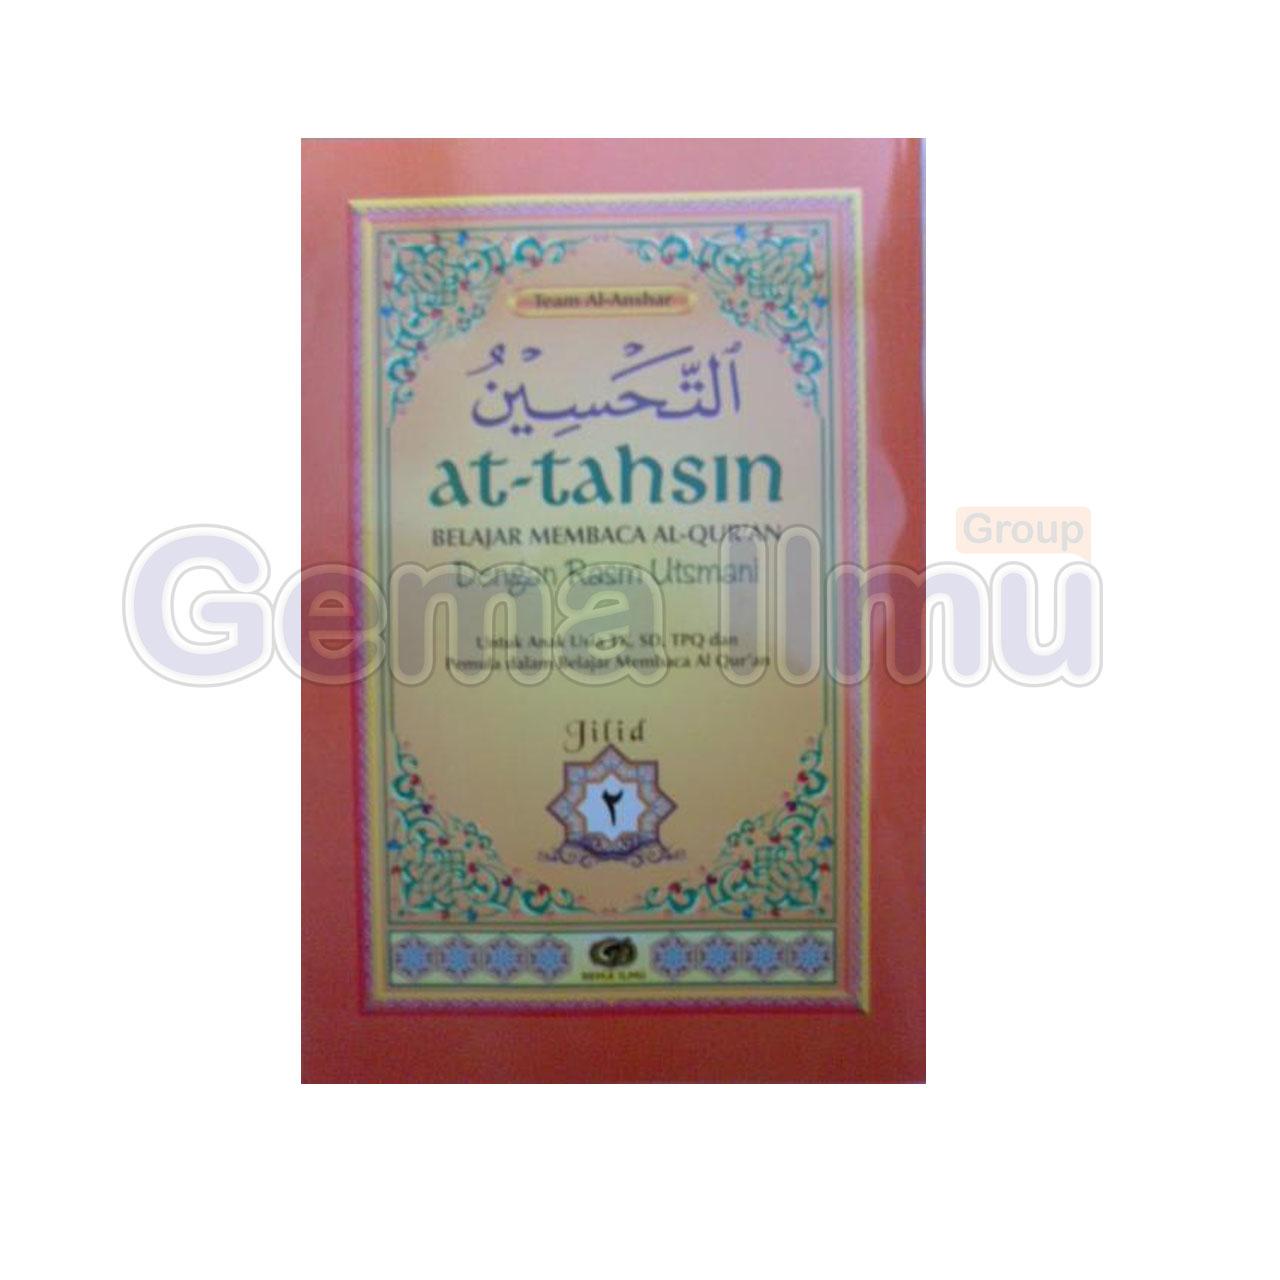 at-tahsin_belajar_membaca_al-quran_rasm_utsmani_jilid_2